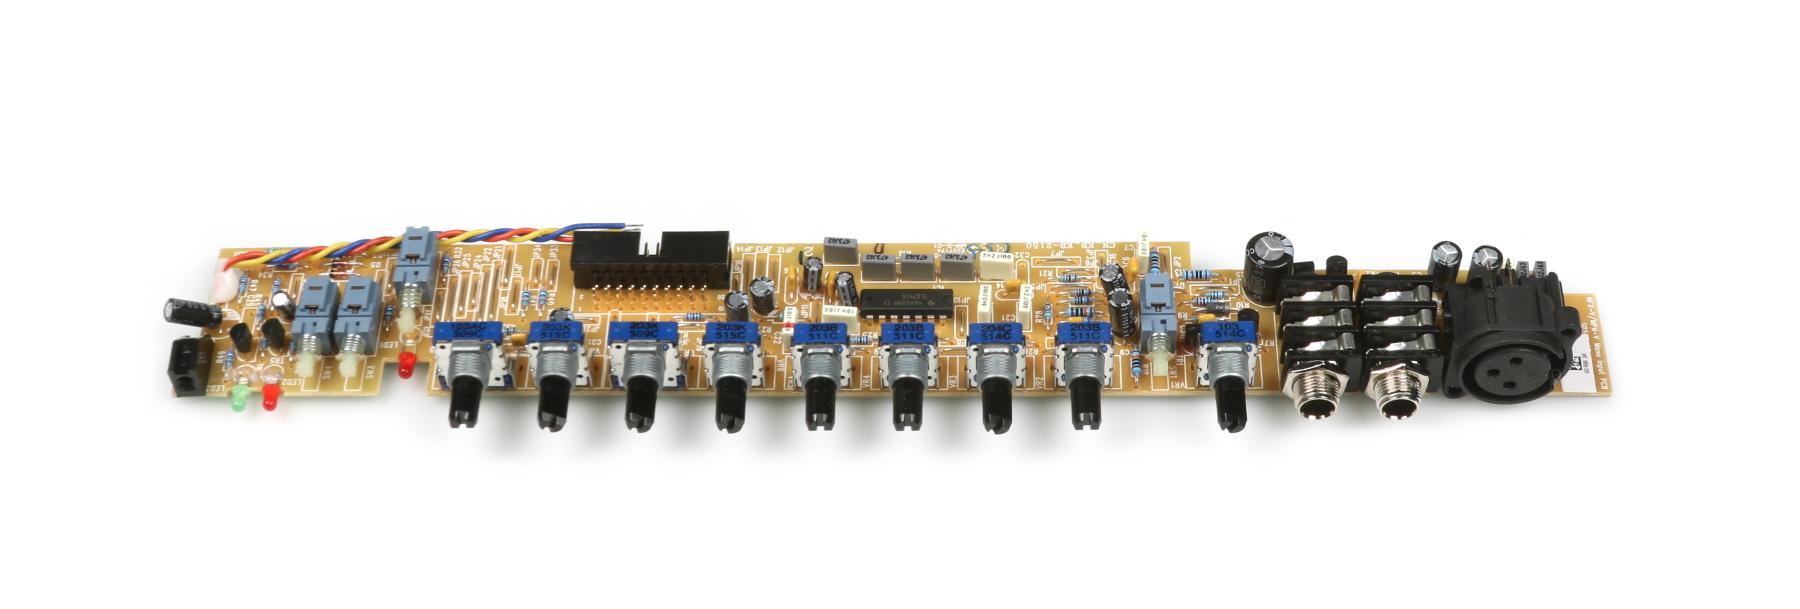 MXI12 Mono Channel PCB